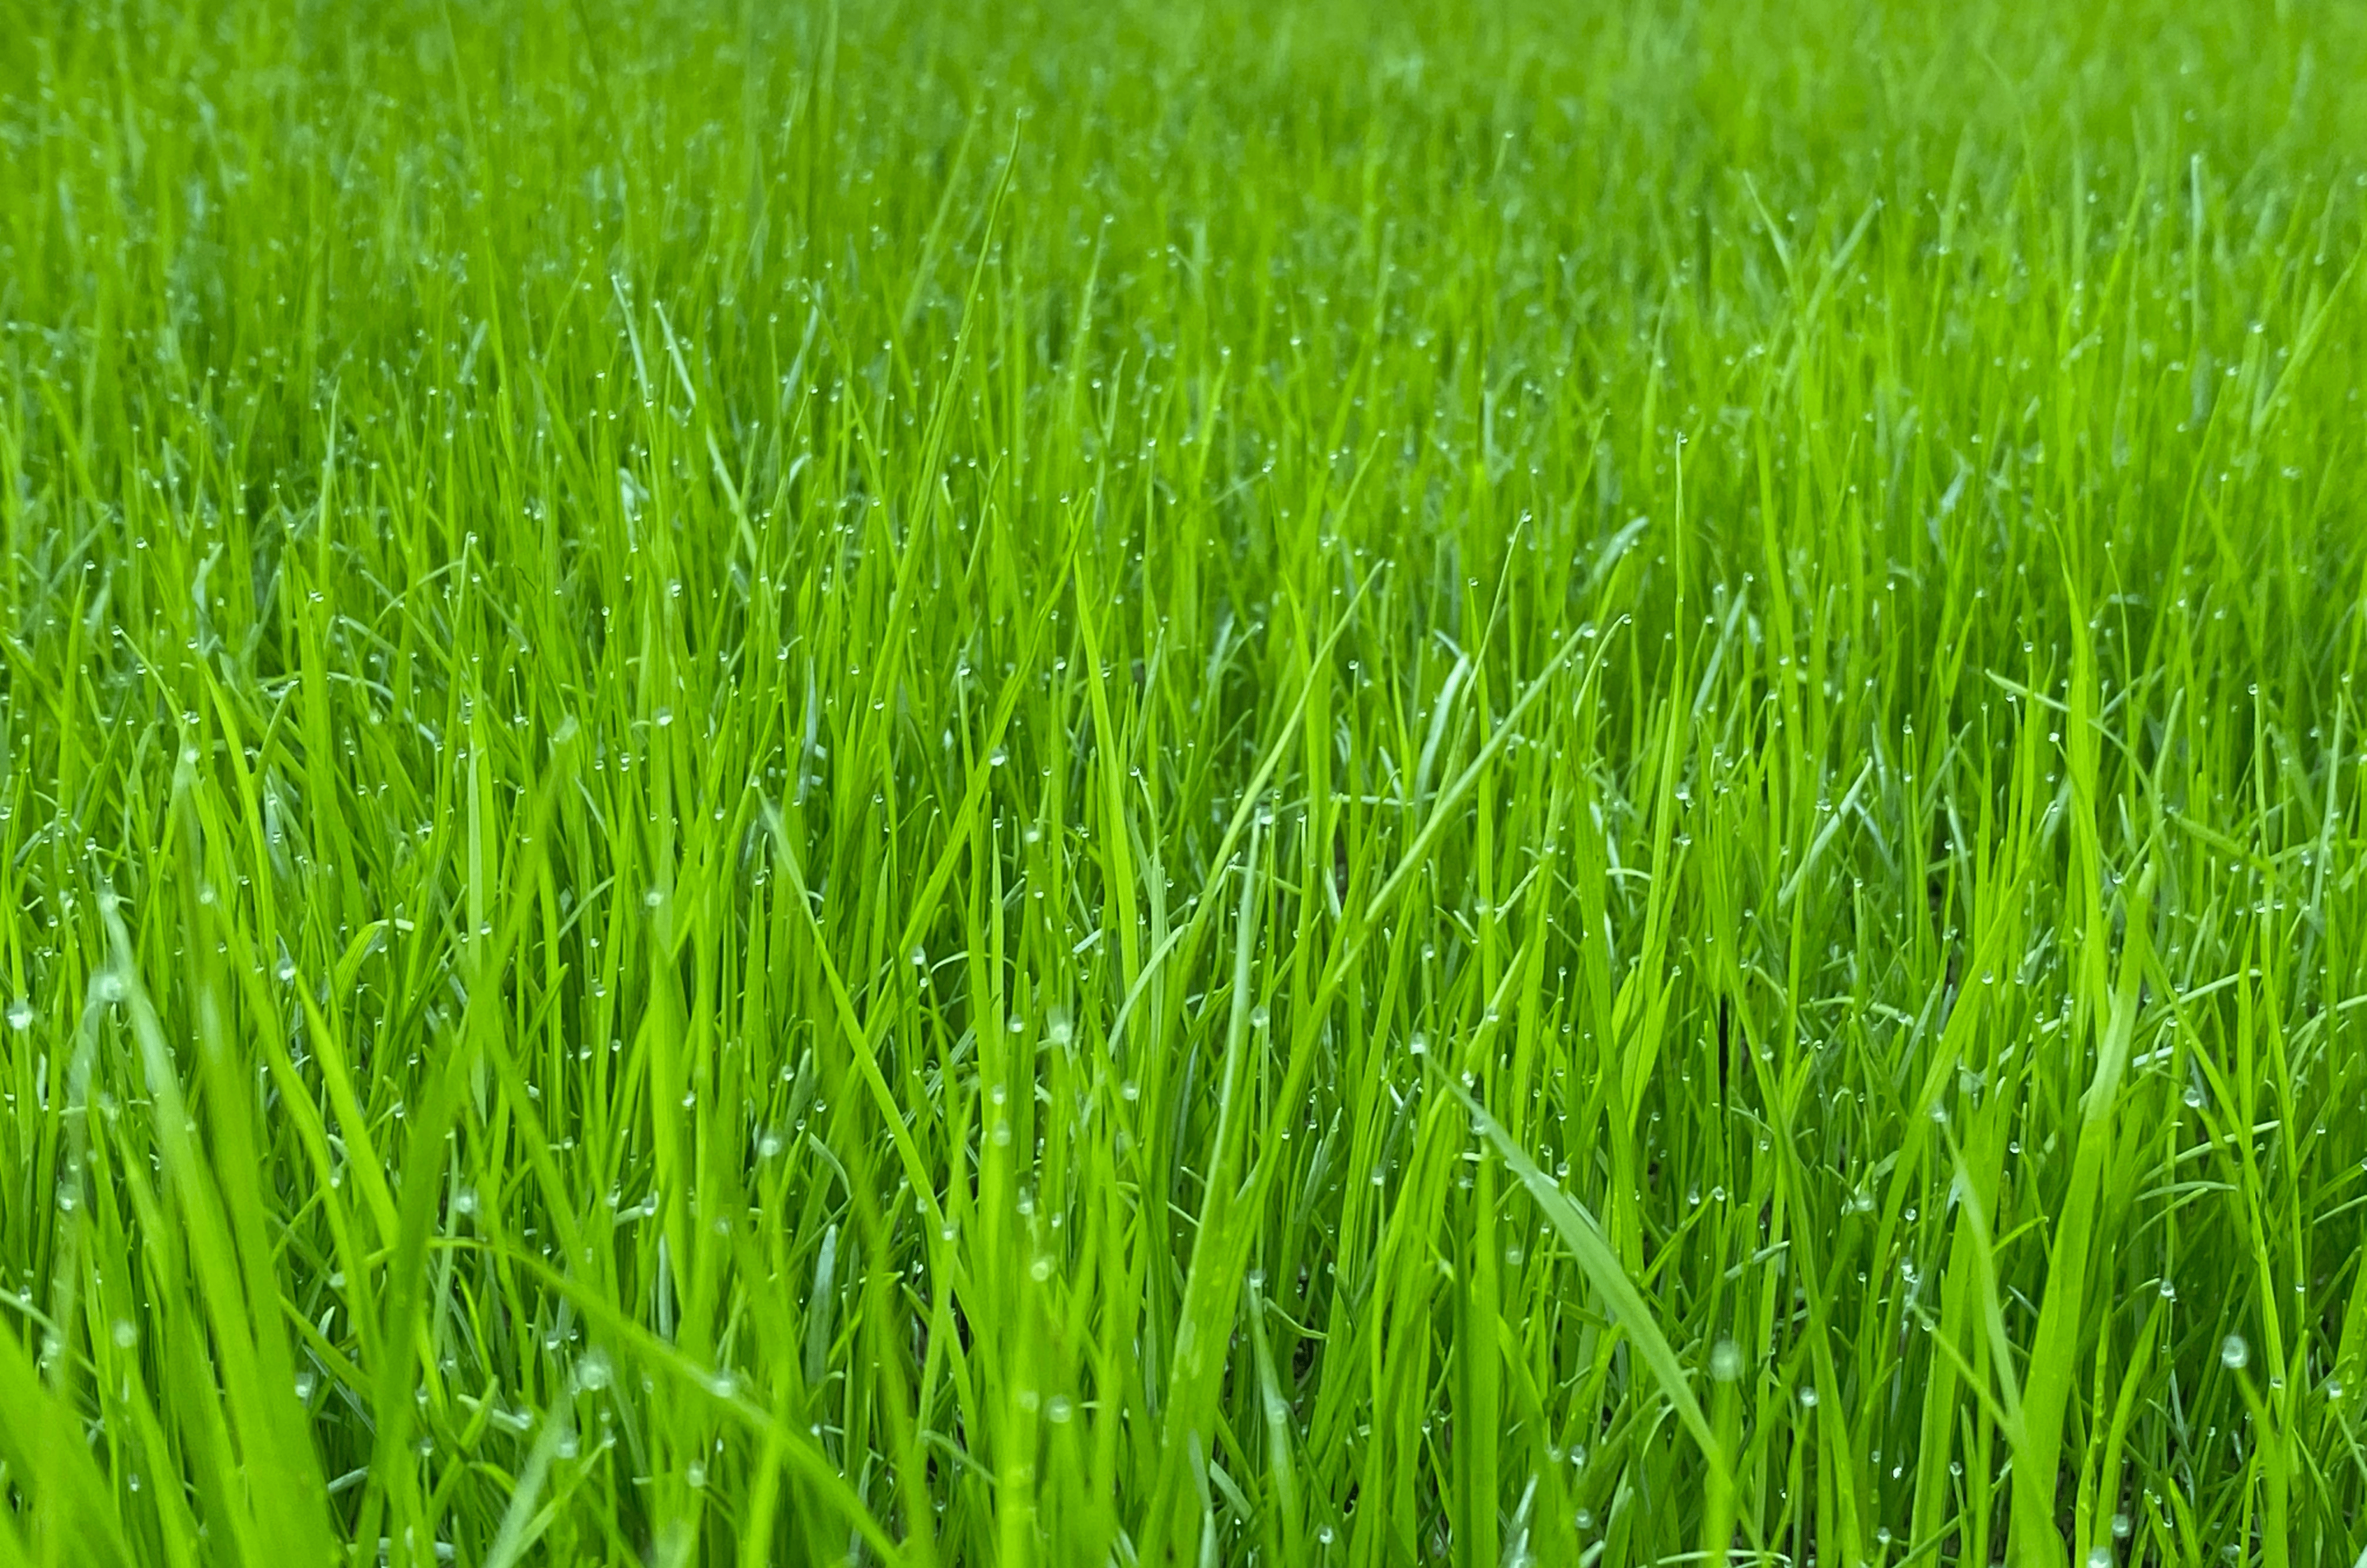 Avoir un gazon vert toute l'année